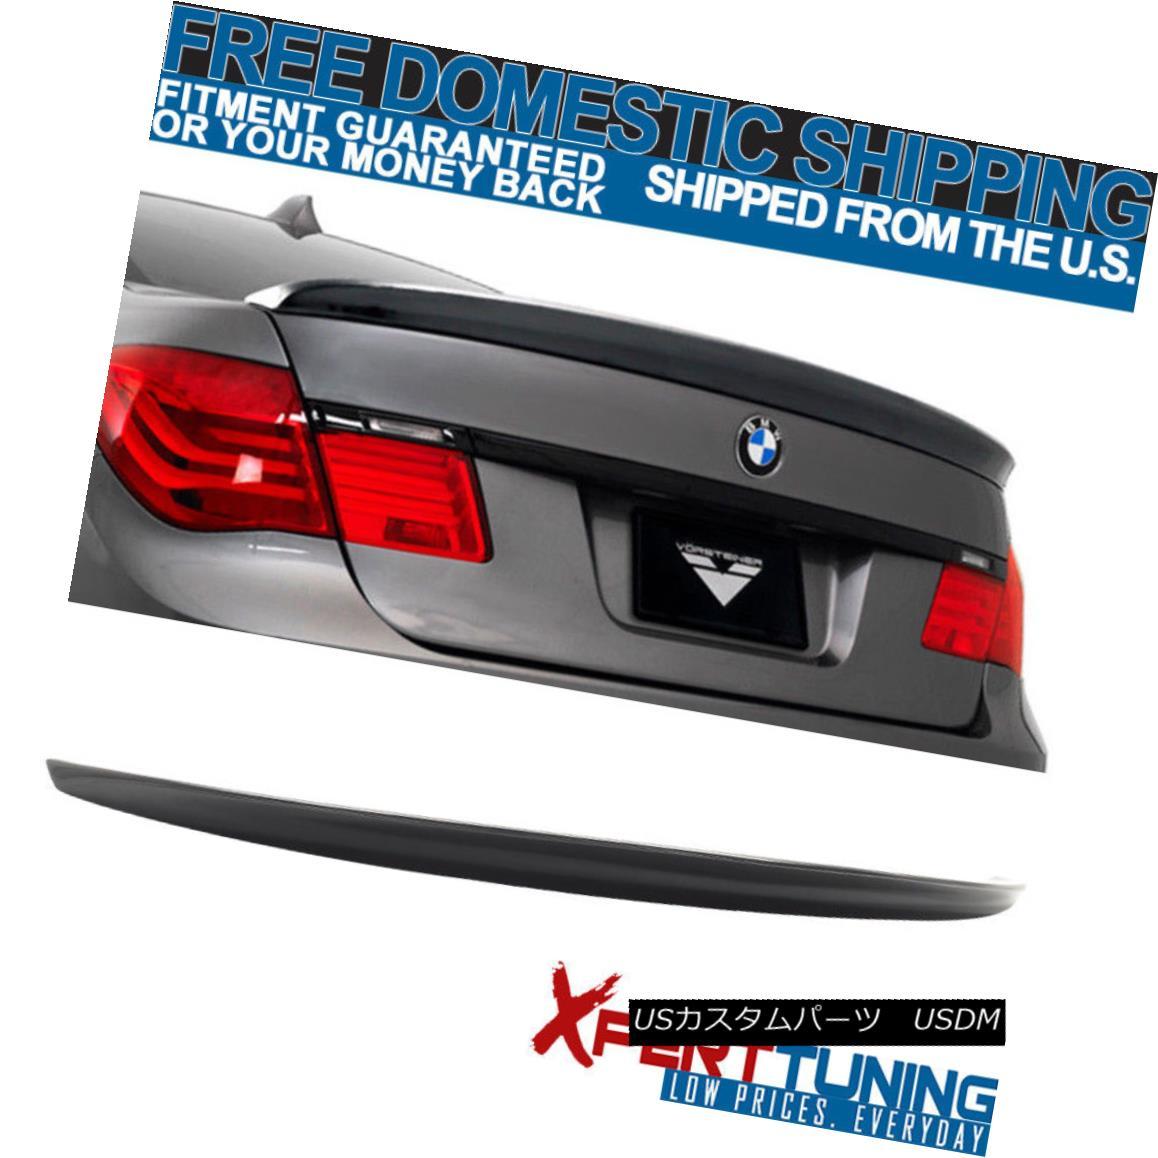 エアロパーツ 09-15 BMW 7 Series F01 AC Style Unpainted Trunk Spoiler - ABS 09-15 BMW 7シリーズF01 ACスタイル無塗装トランク・スポイラー - ABS